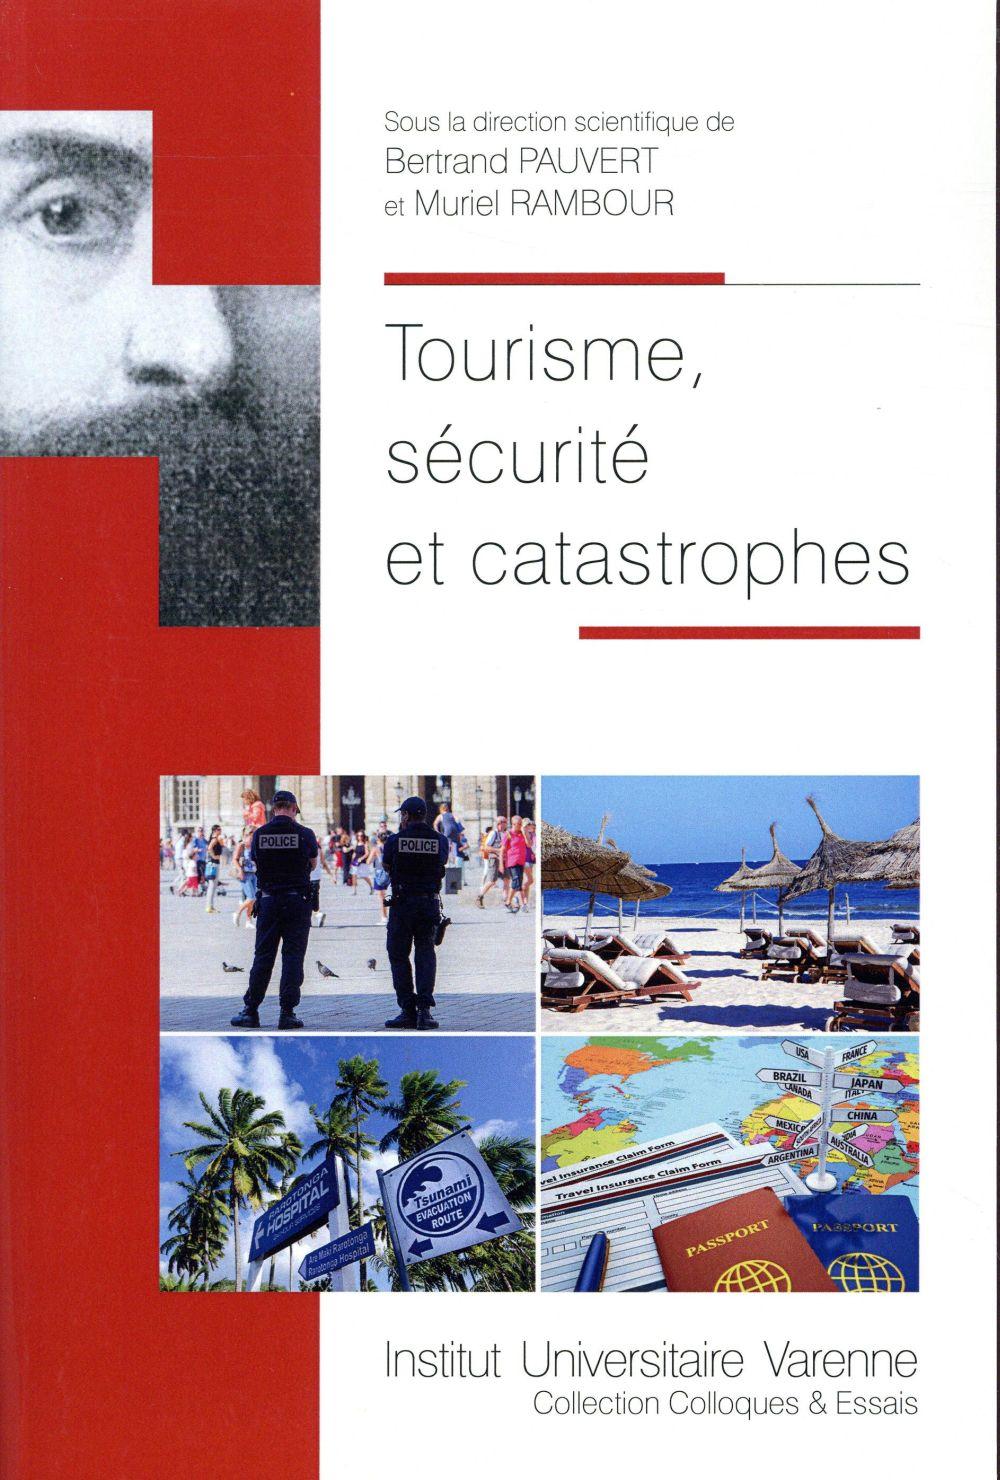 TOURISME, SECURITE ET CATASTROPHES